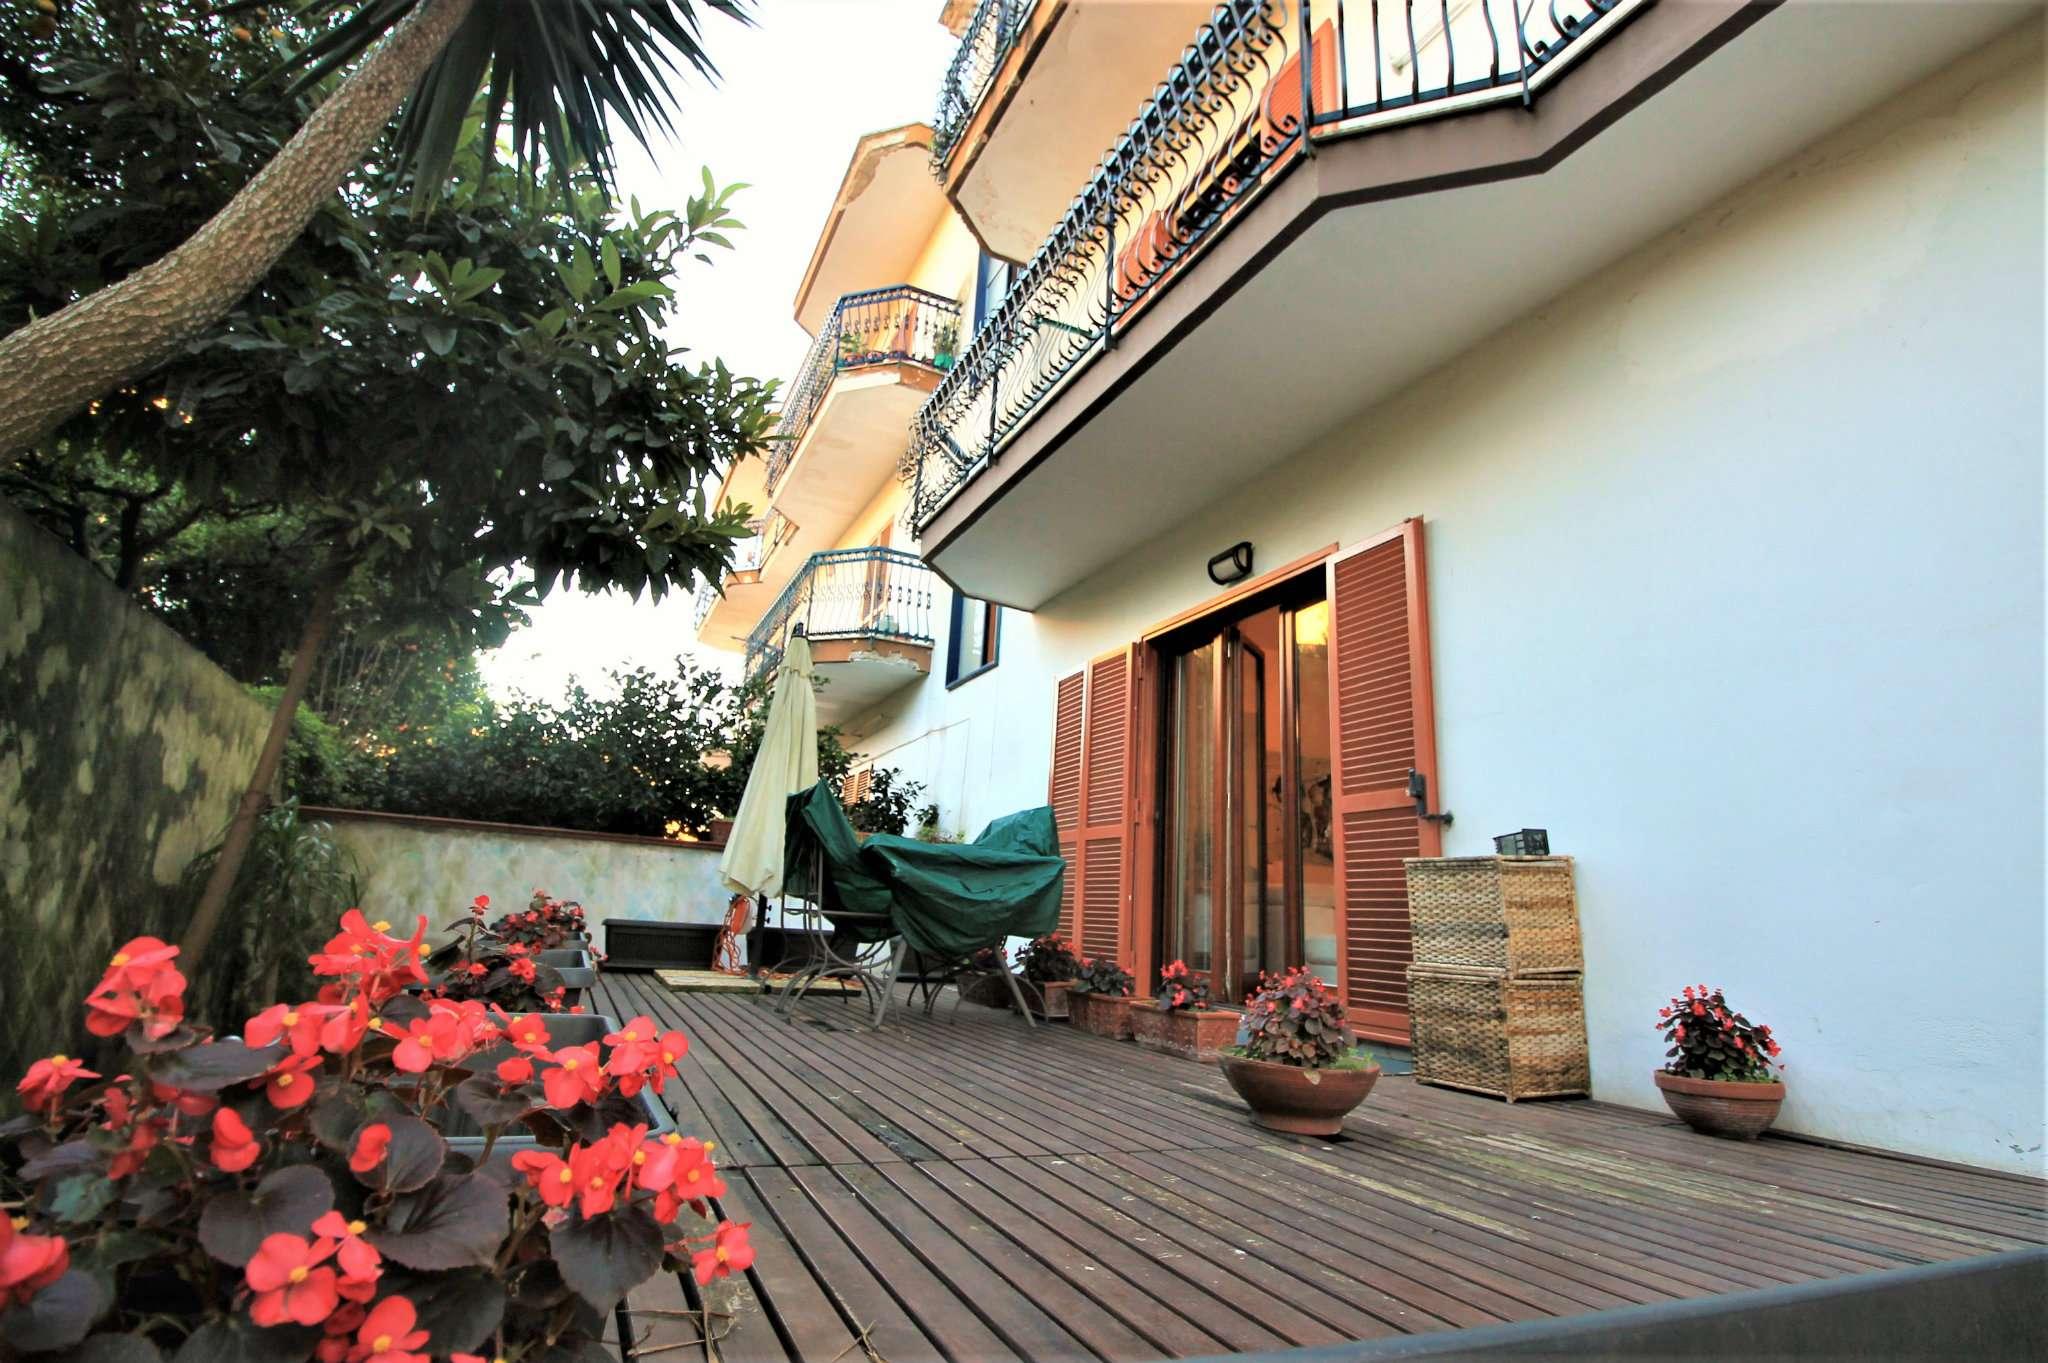 Appartamento in vendita a San Paolo Bel Sito, 4 locali, prezzo € 200.000 | Cambio Casa.it